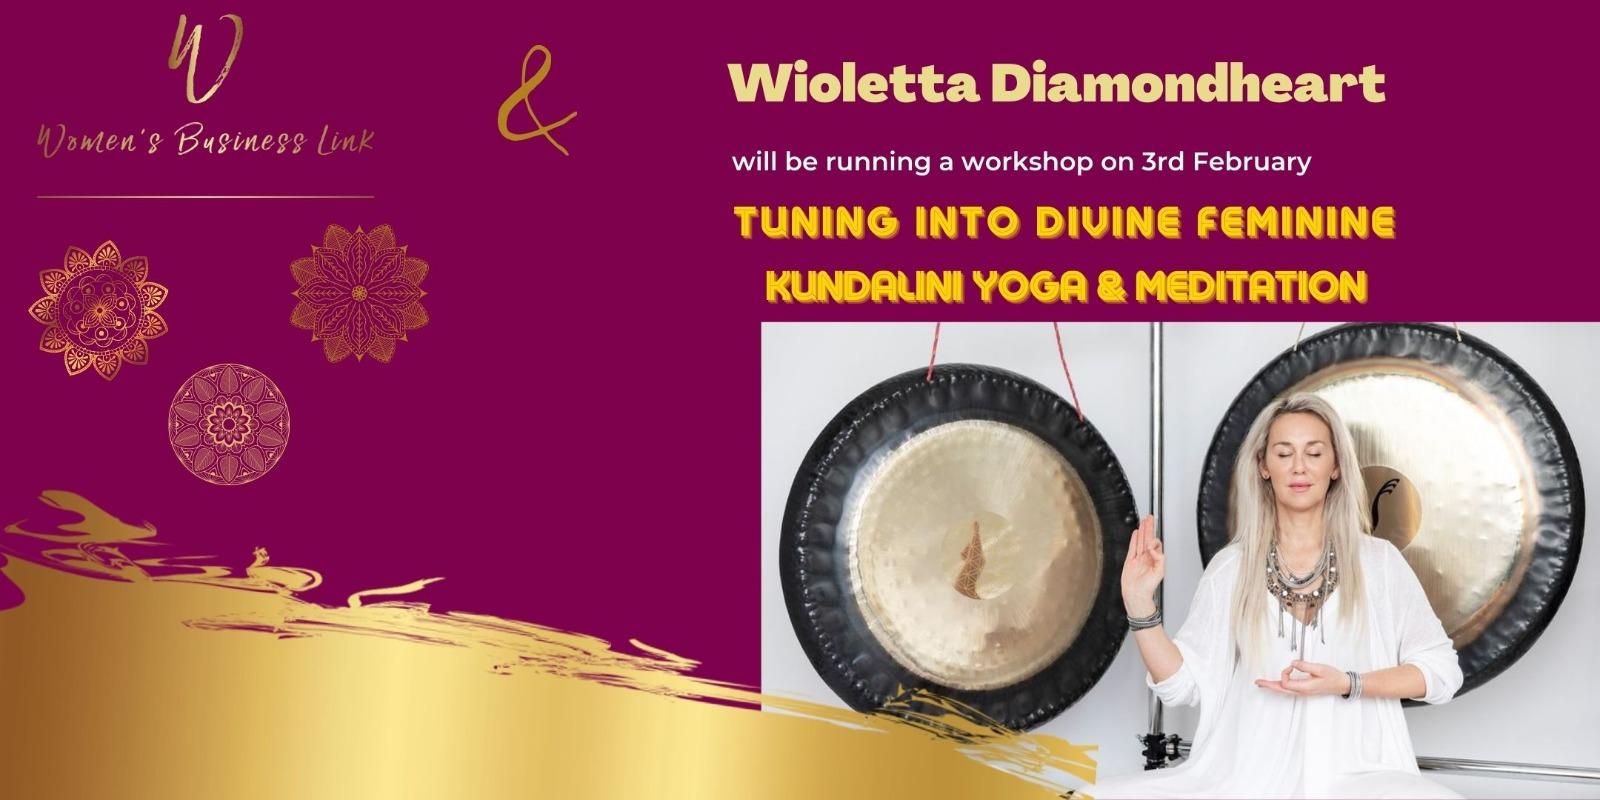 Women's Business Link Webinar with Wioletta Diamondheart